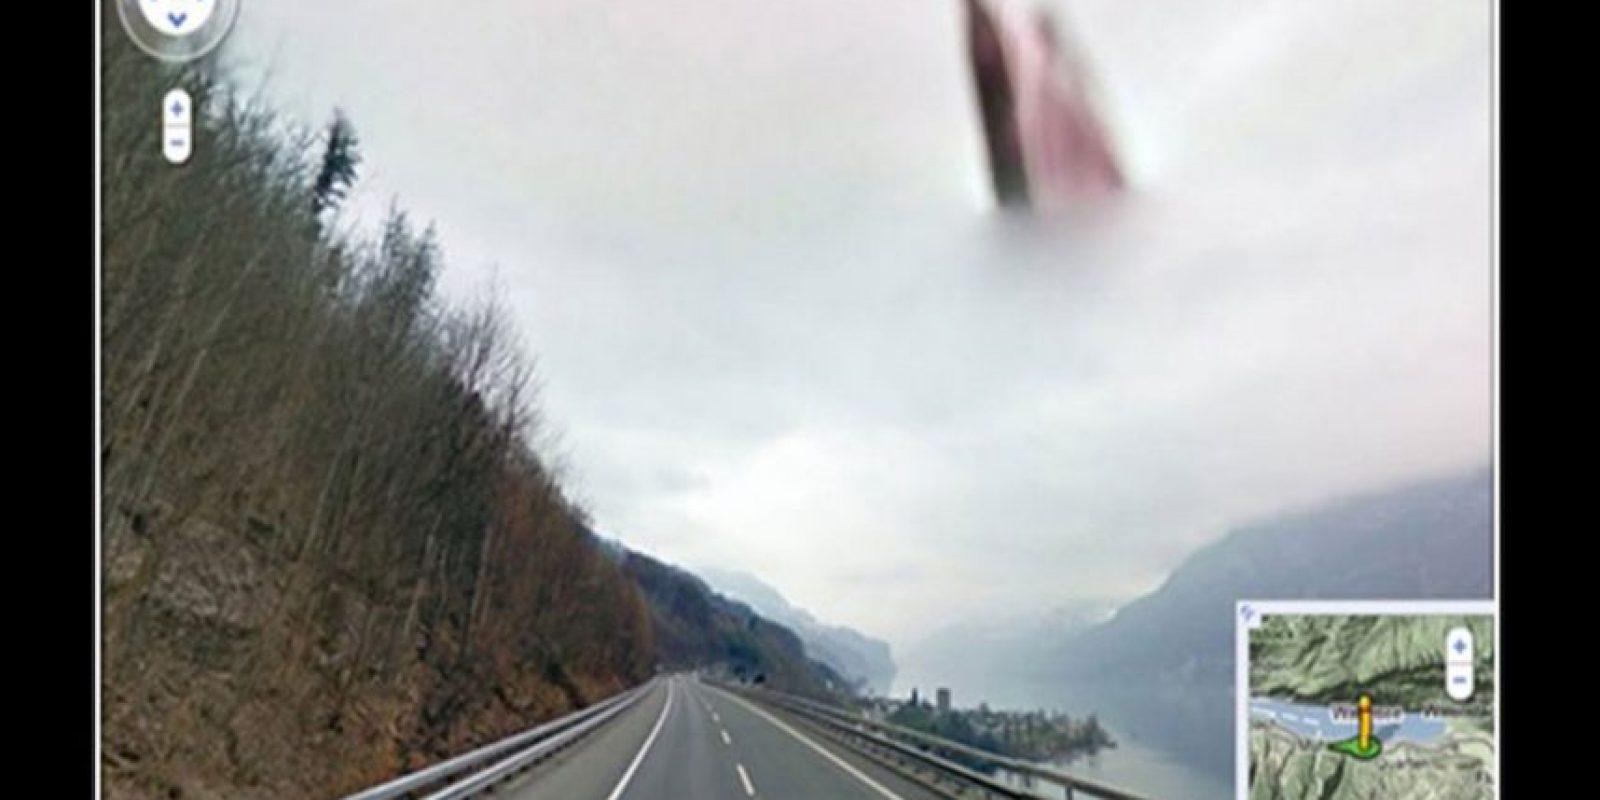 Imágenes misteriosas han aparecido en la plataforma de Google Street View sin que tengan una explicación clara. Foto:Reproducción Google Street View